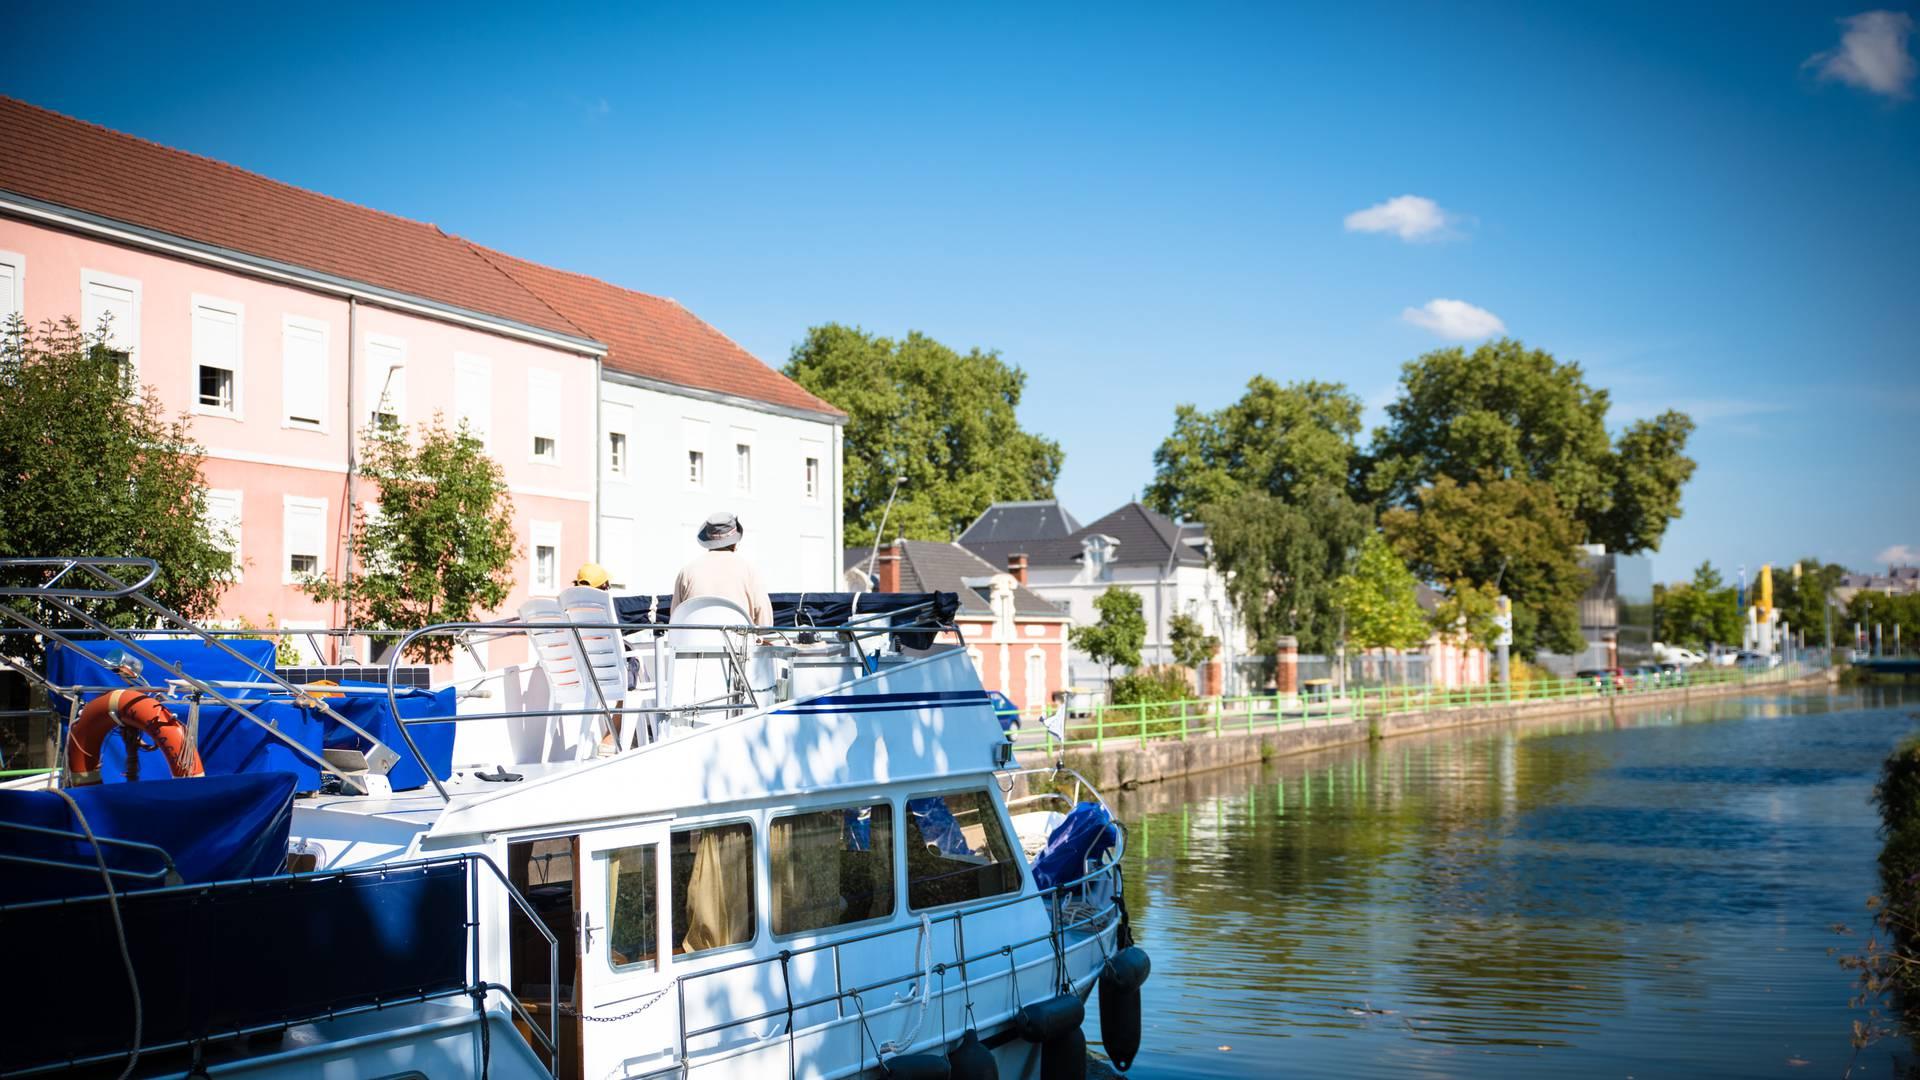 Sur le canal du Centre à Montceau-les-Mines. © Franck Juillot.